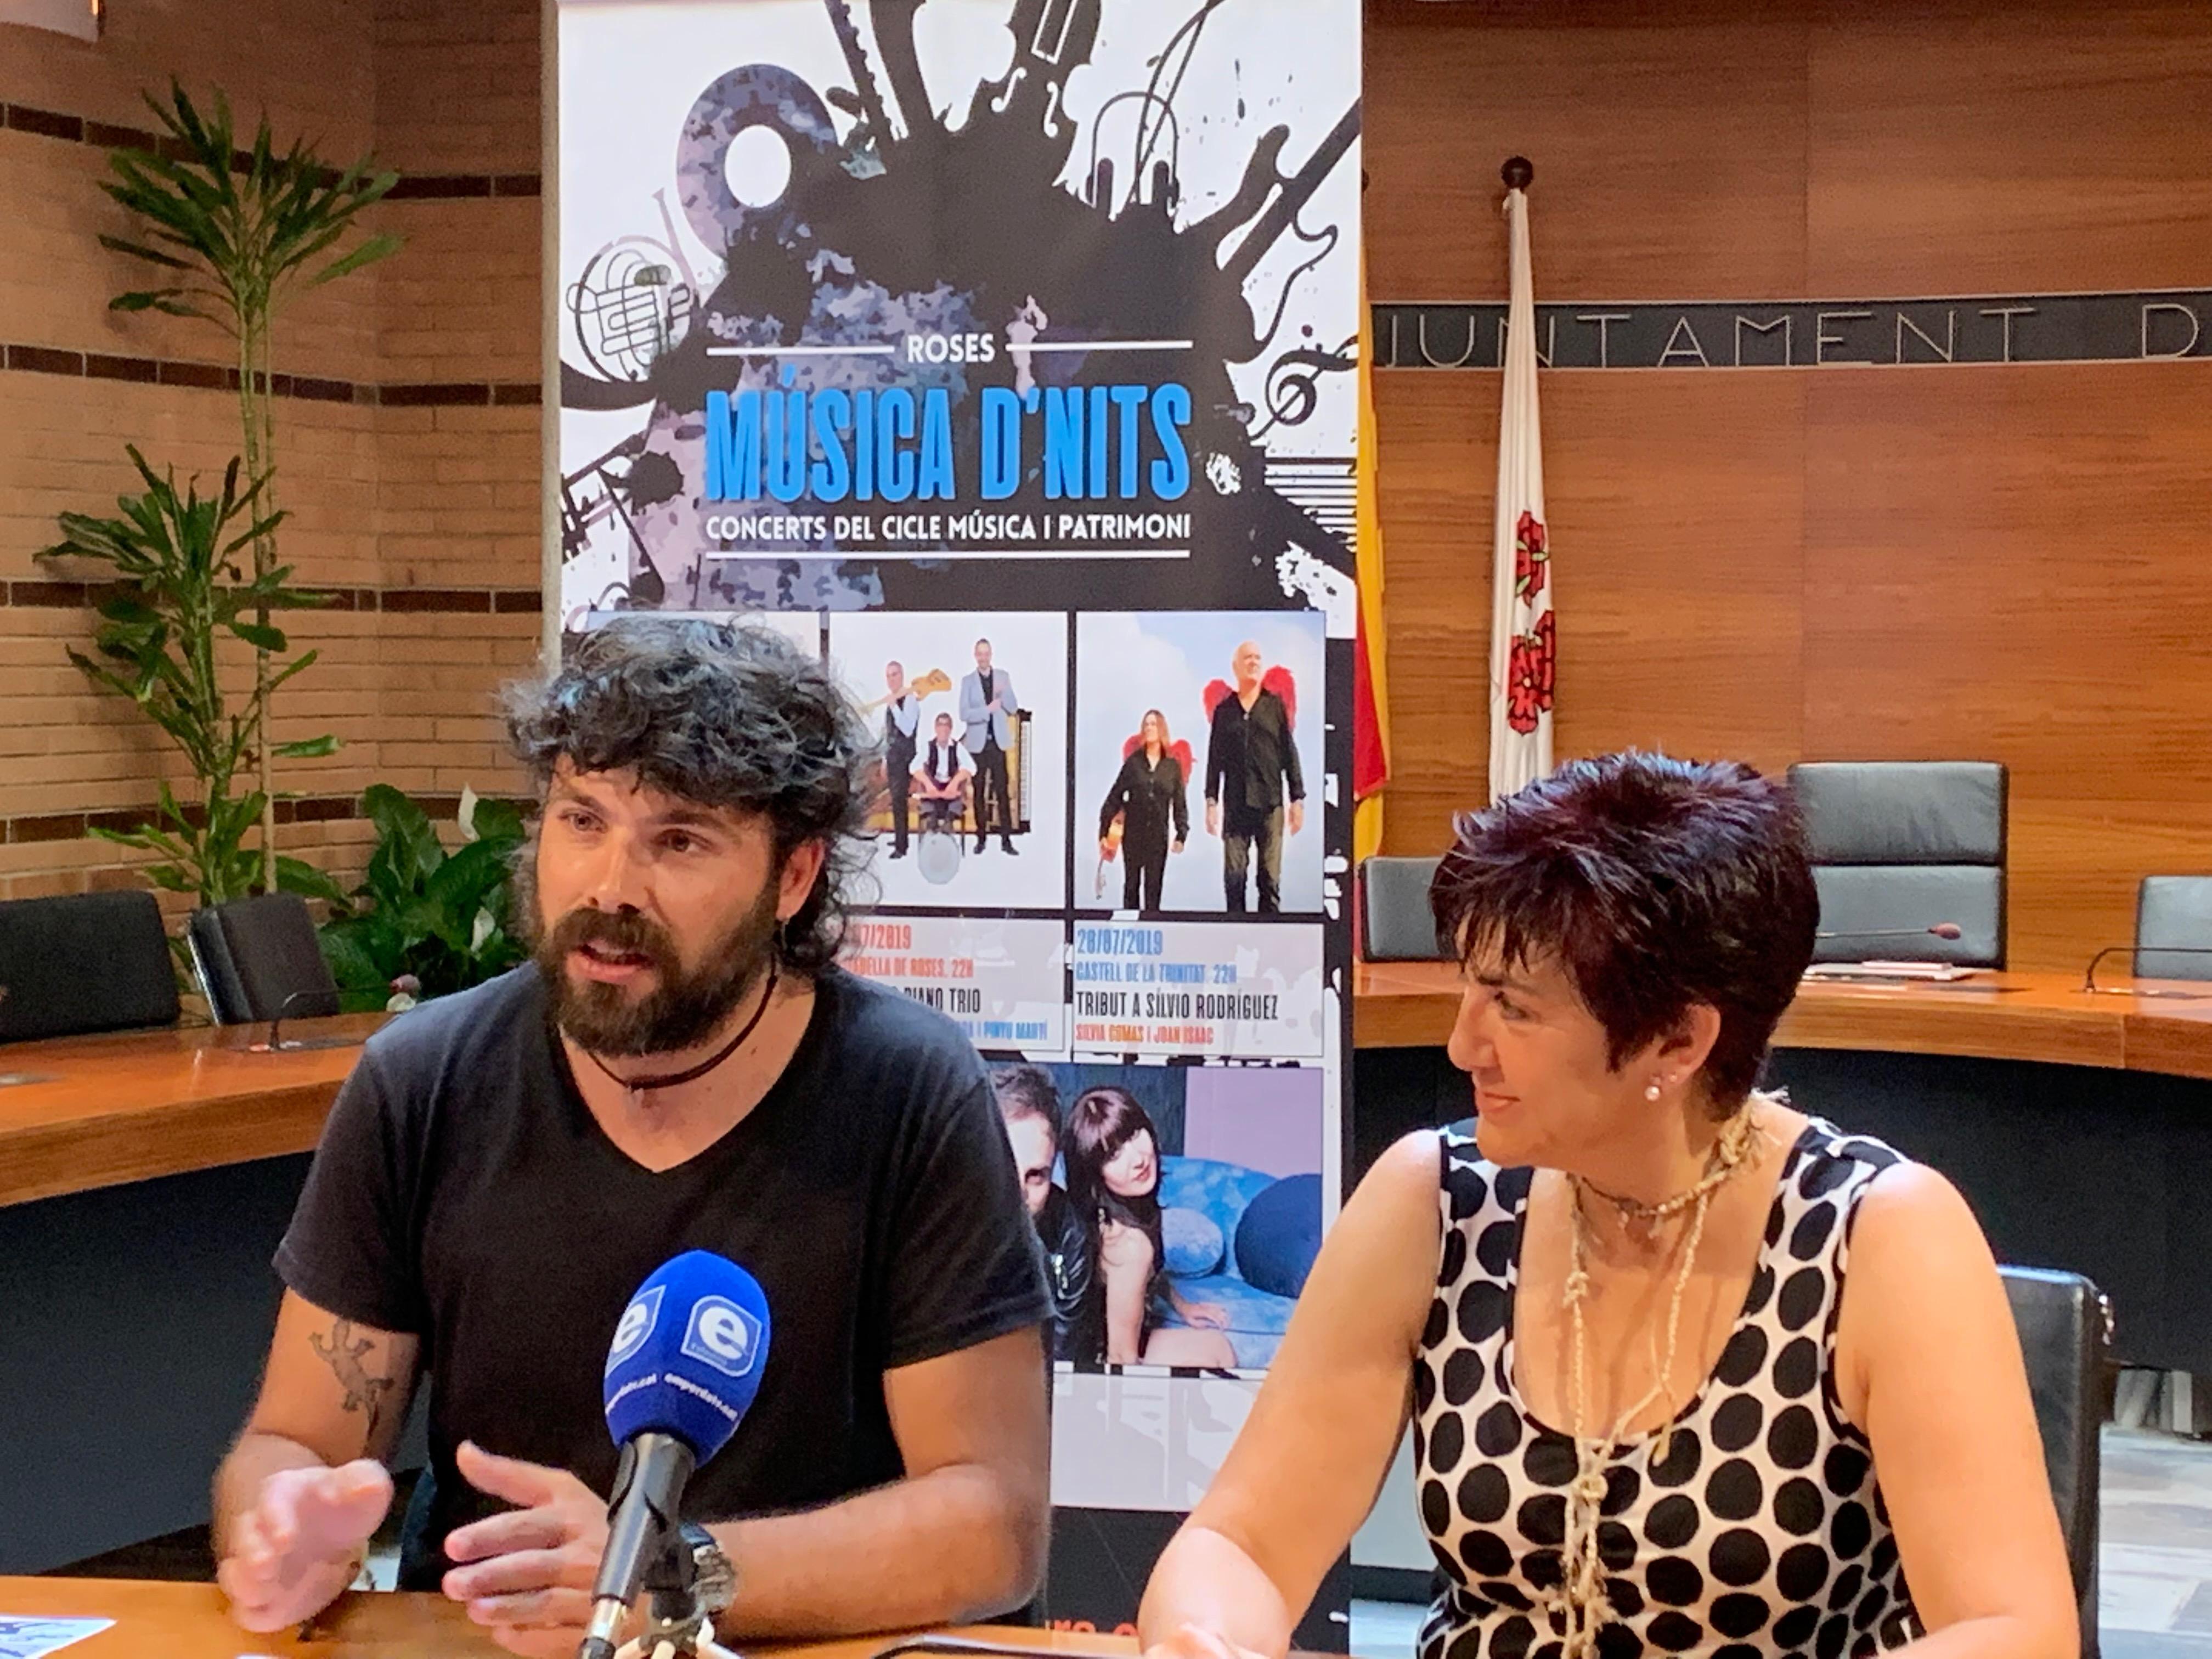 'Música D'Nits' concerts i patrimoni per a les nits d'estiu a Roses